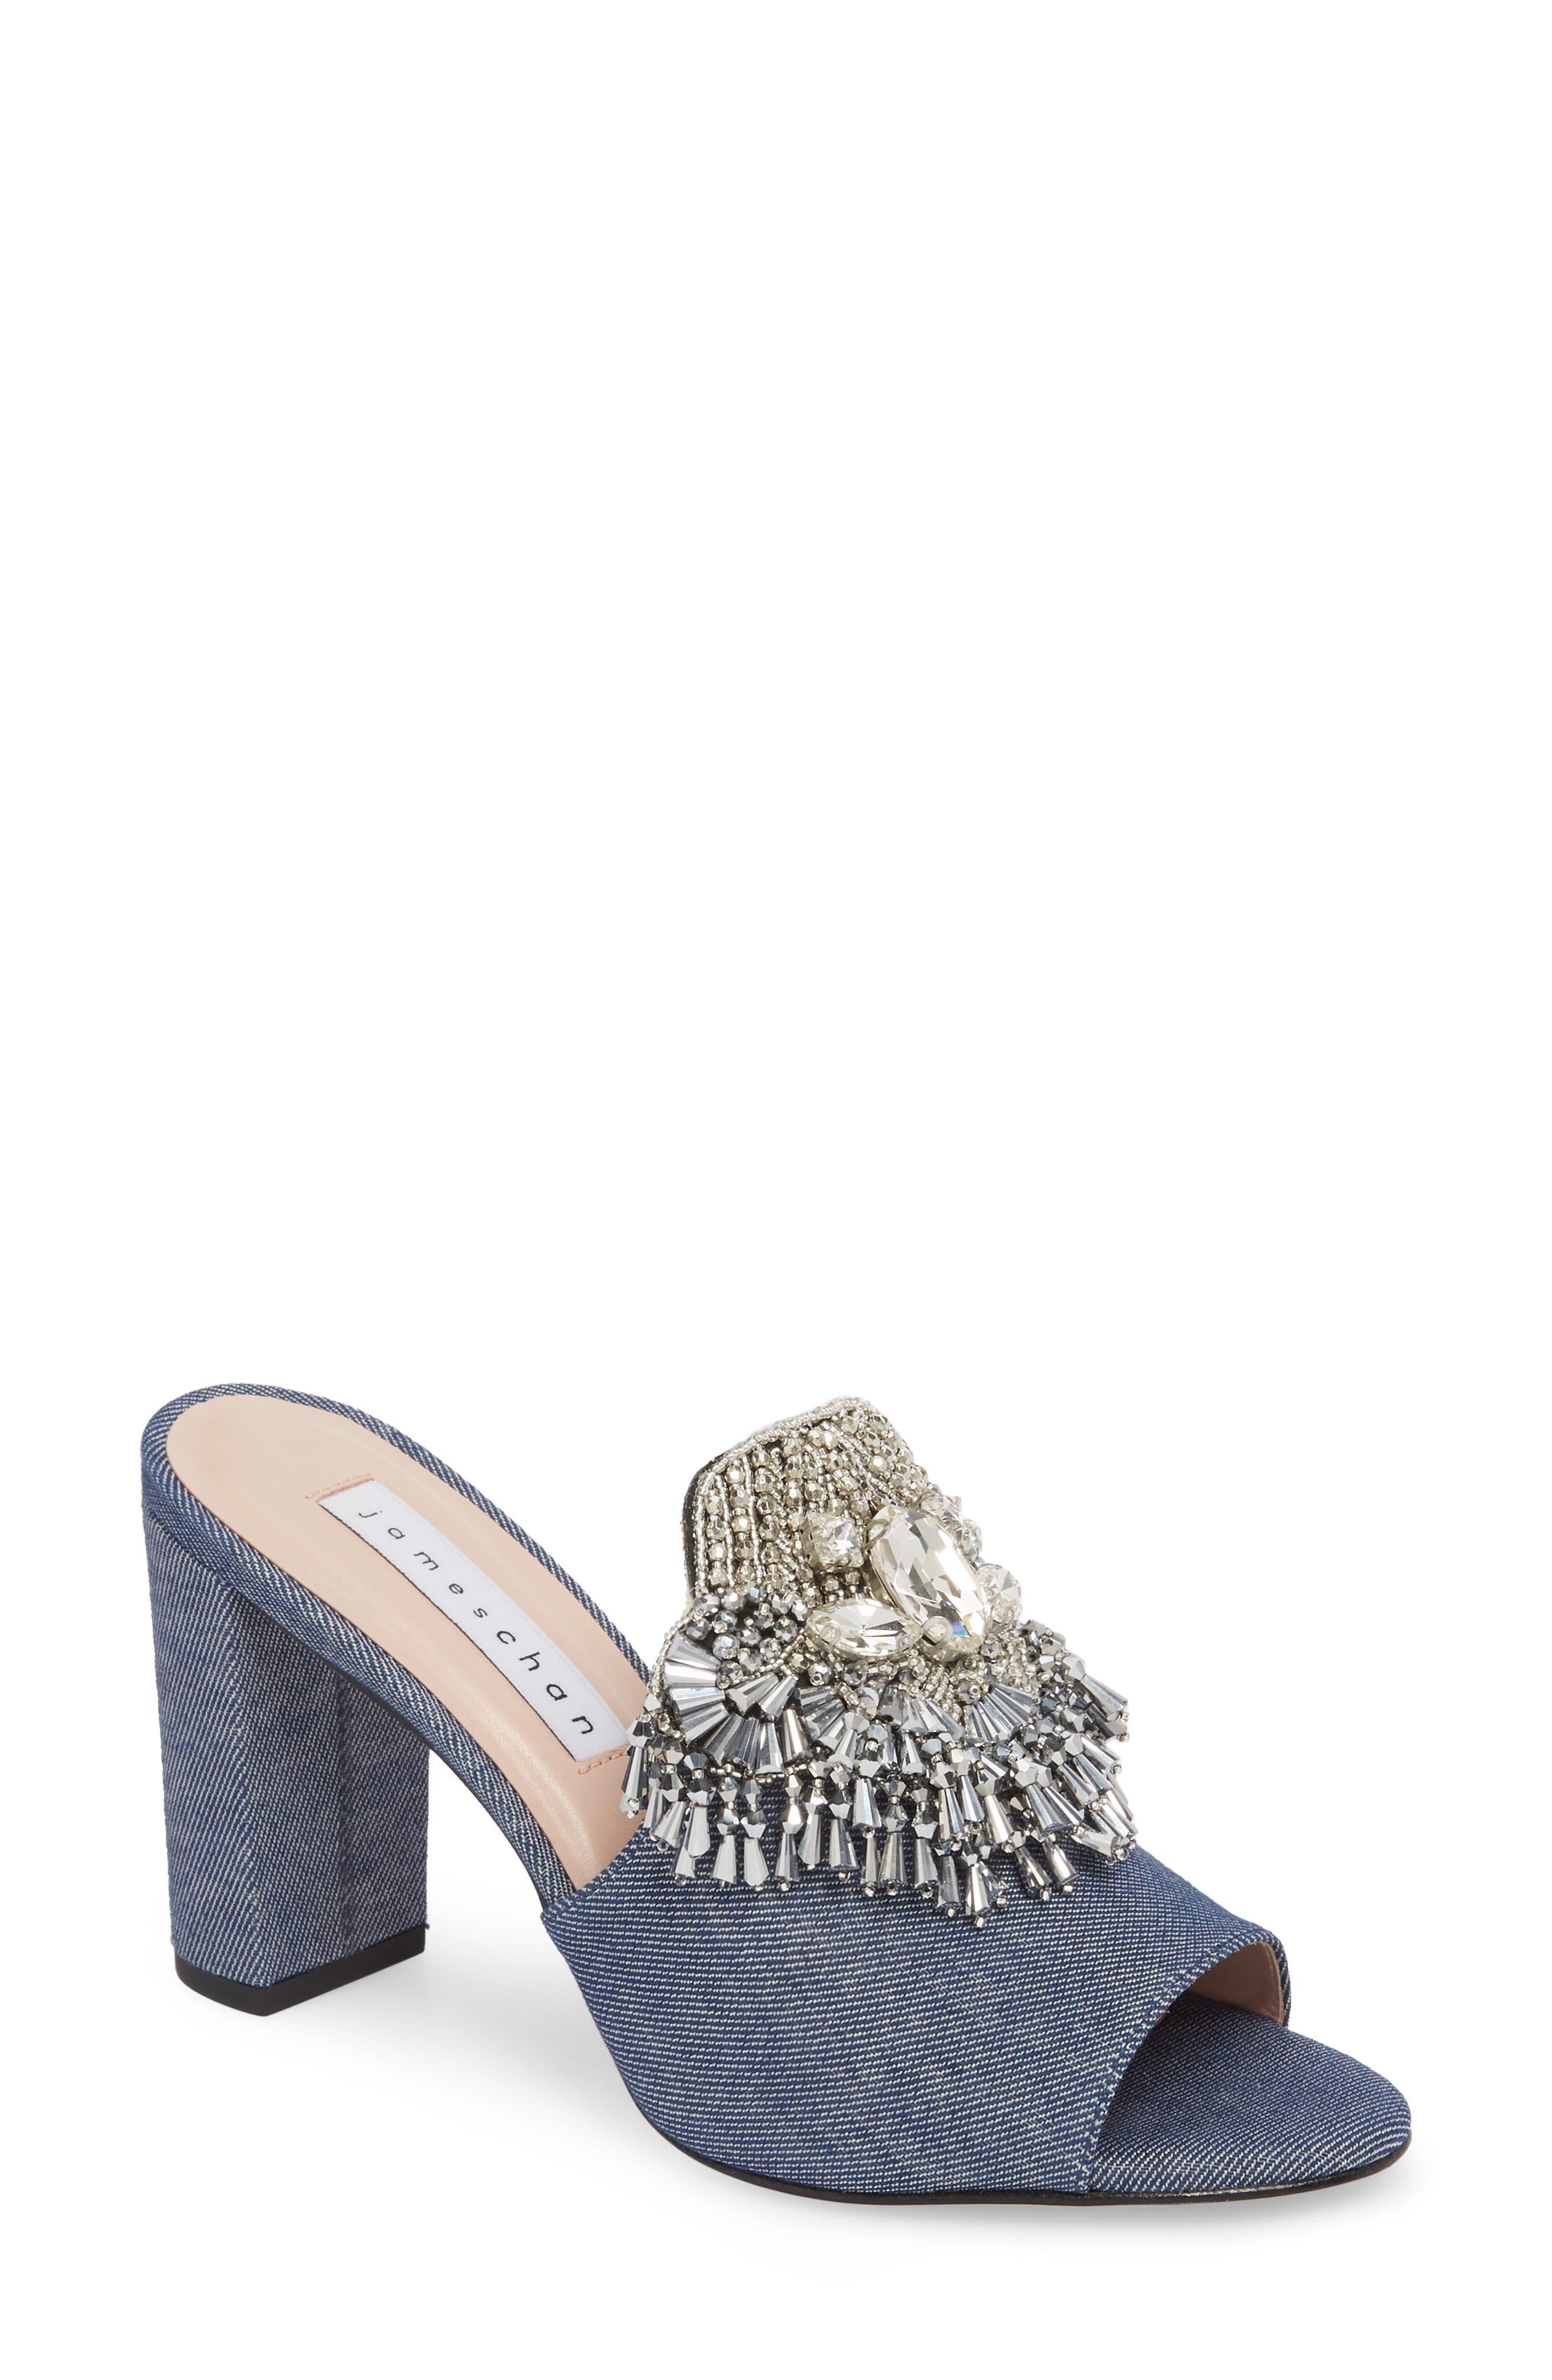 Adele Embellished Block Heel Sandal,                         Main,                         color, Denim Patent